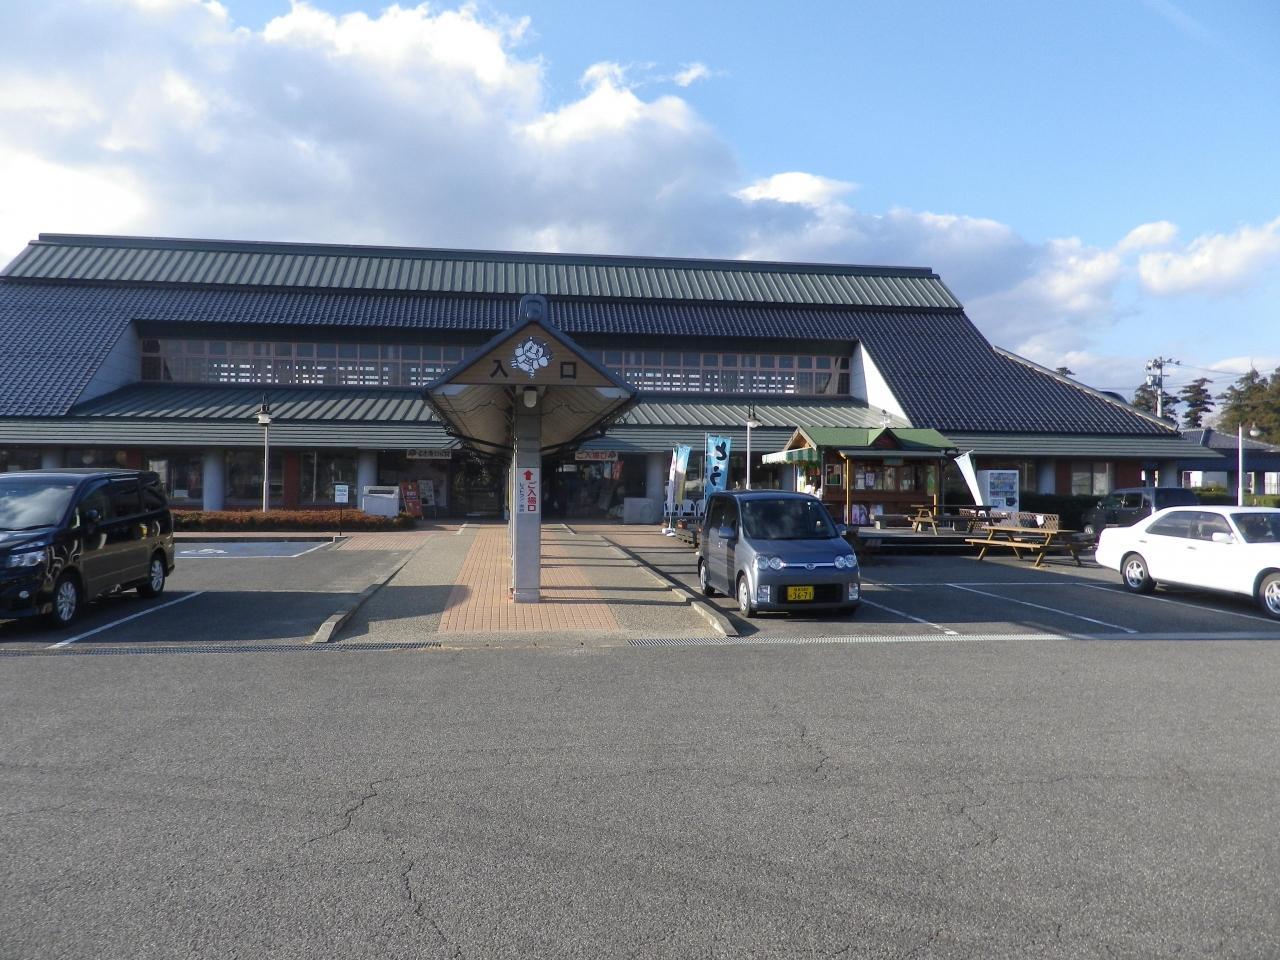 「アサヒビール神奈川工場」売店での売れ筋食品ベ …